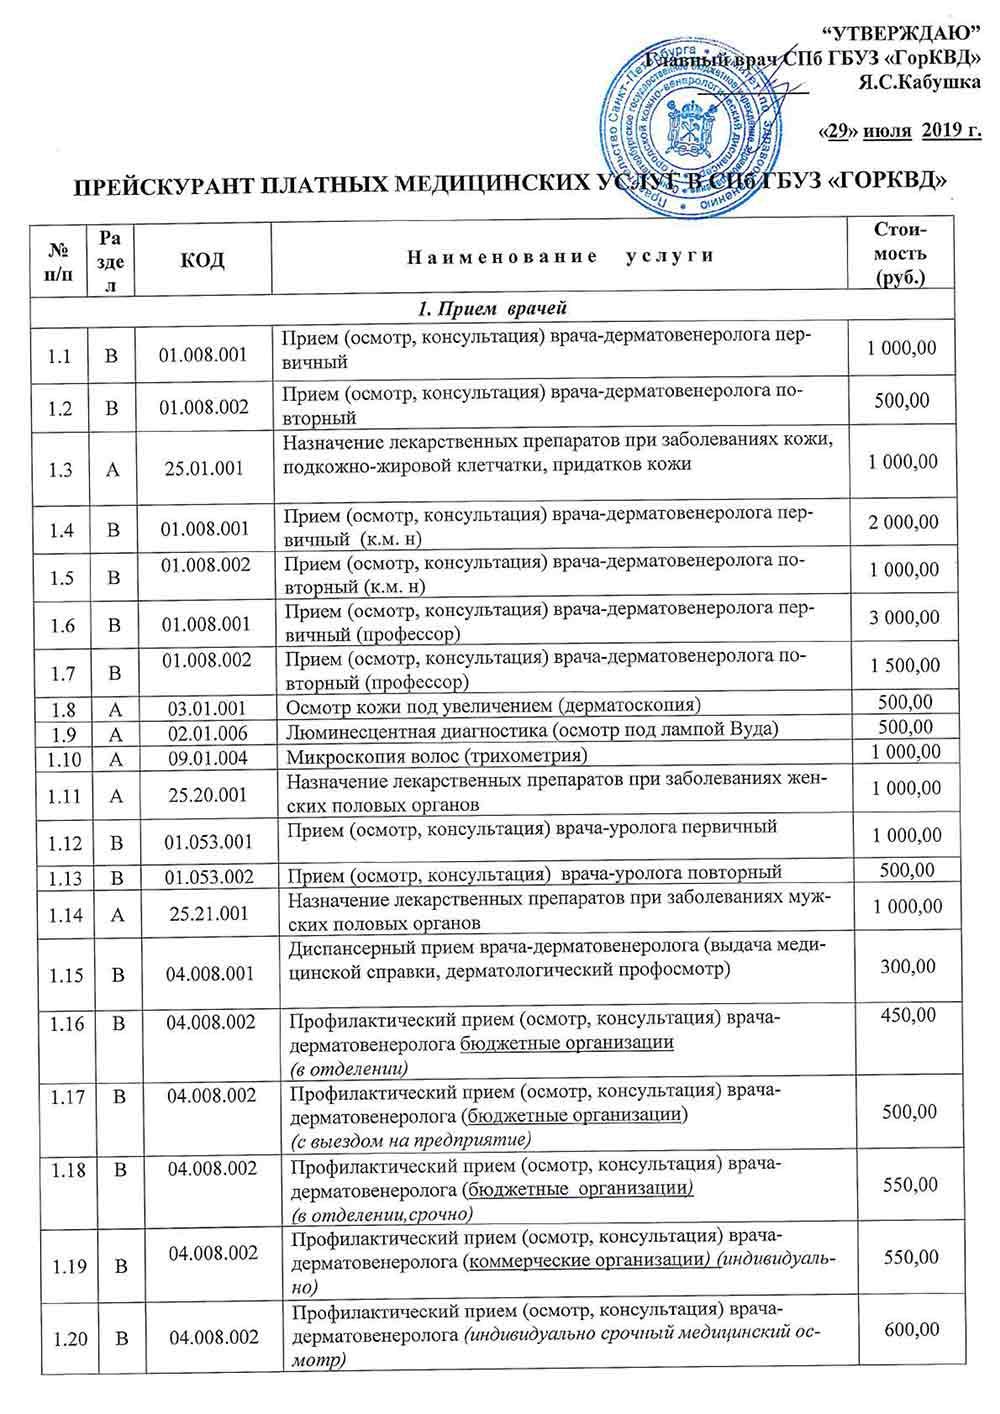 Больничные листы в Пушкино цена